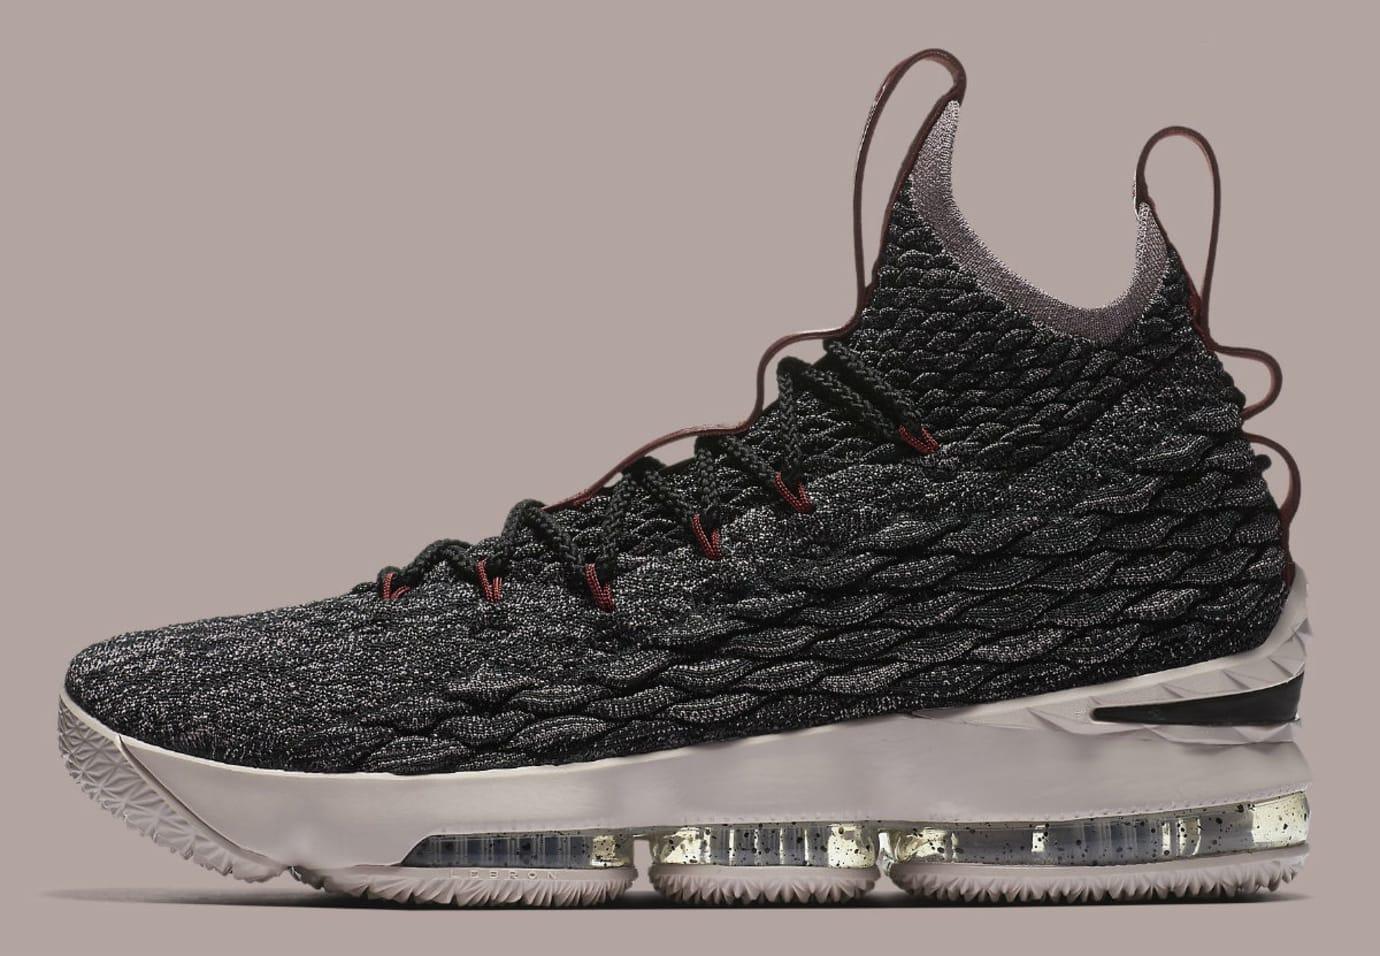 Nike LeBron 15 Pride of Ohio Release date 897648-003 Profile